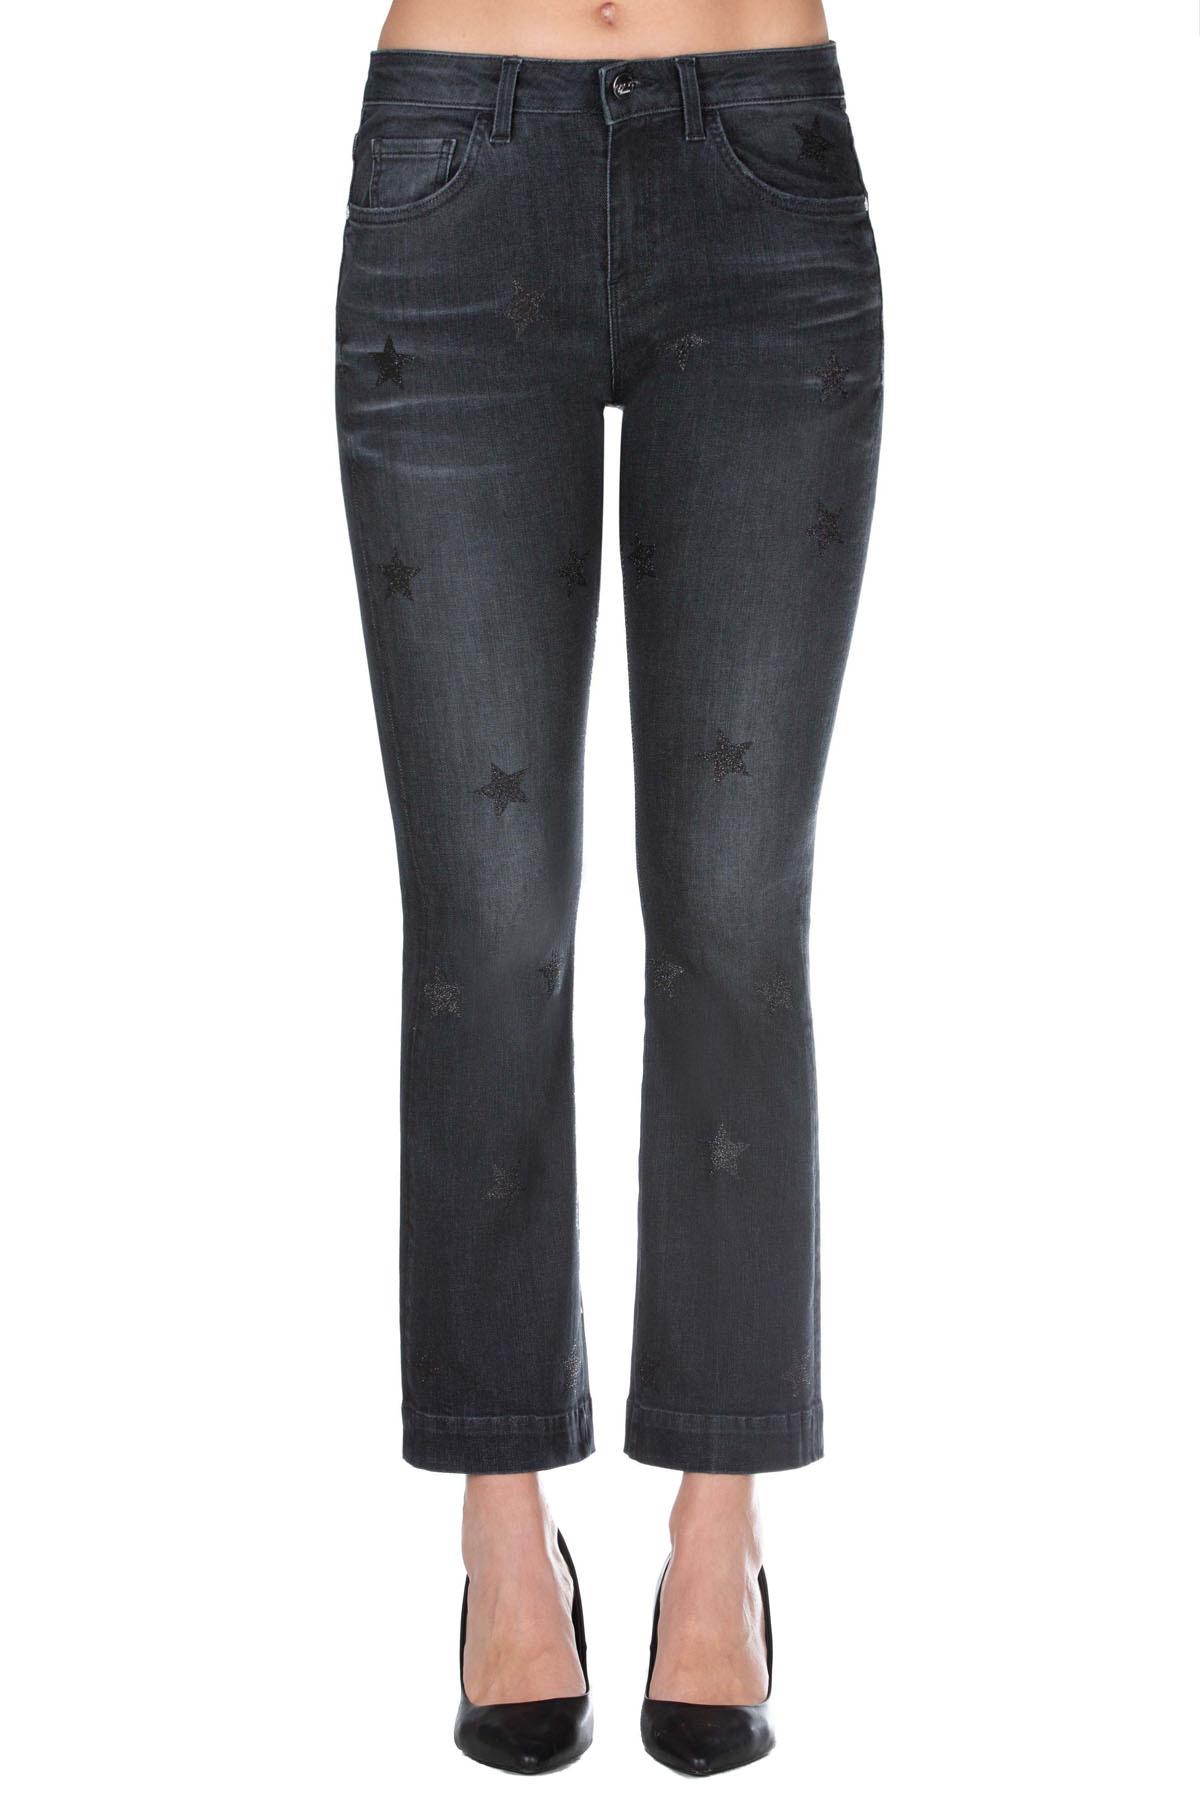 Pantalone Donna Kaos Sally Glitter Trombetta 5 Tasche